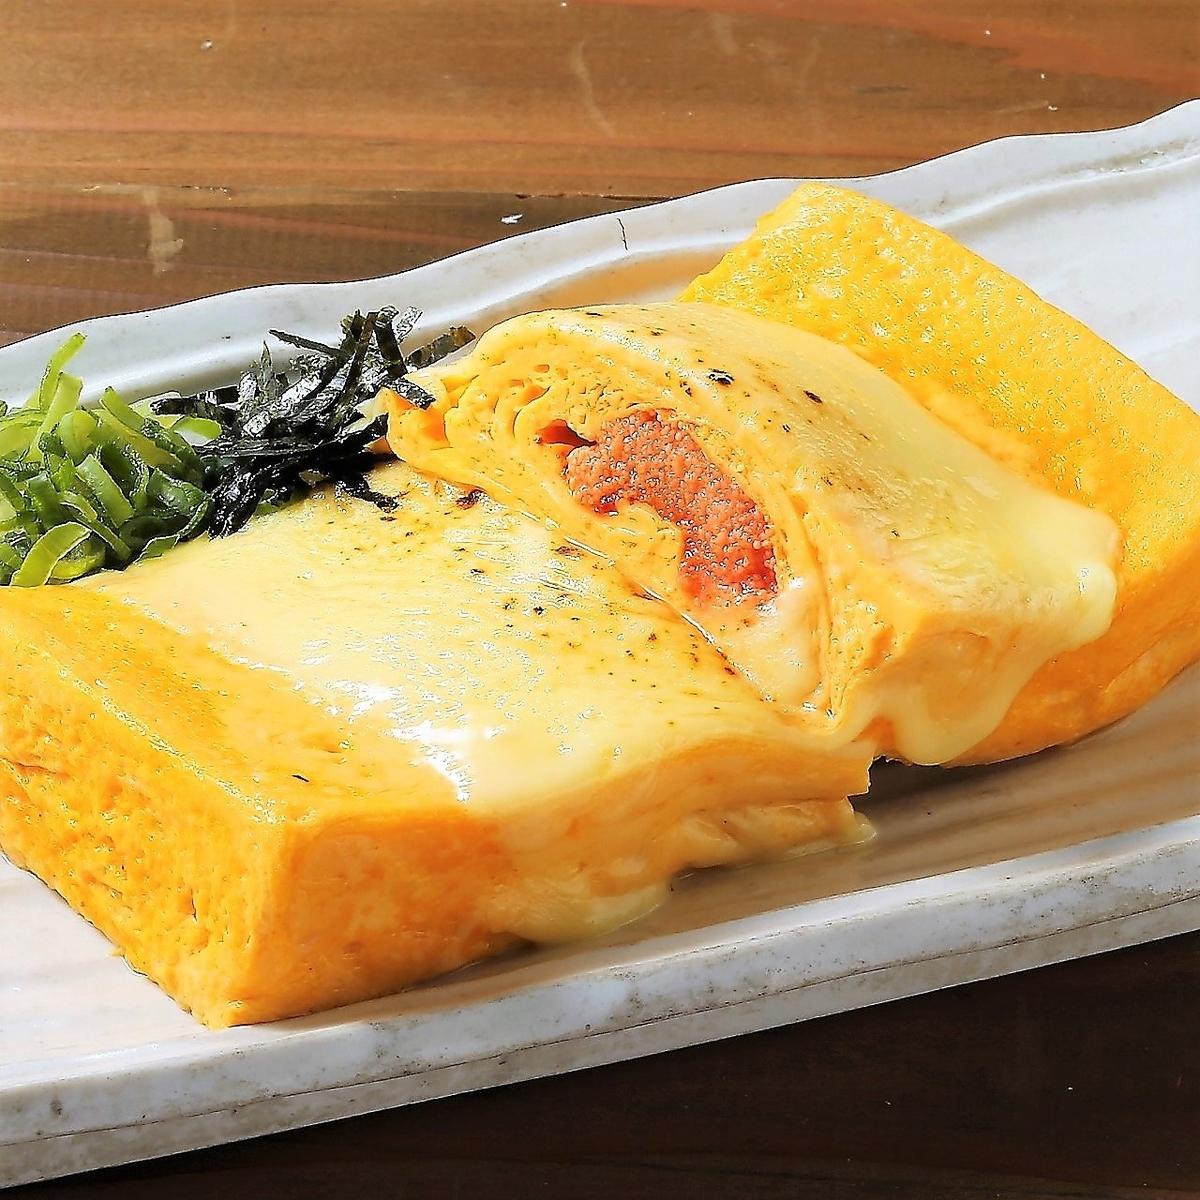 Mentaiko奶酪或包裹的鸡蛋